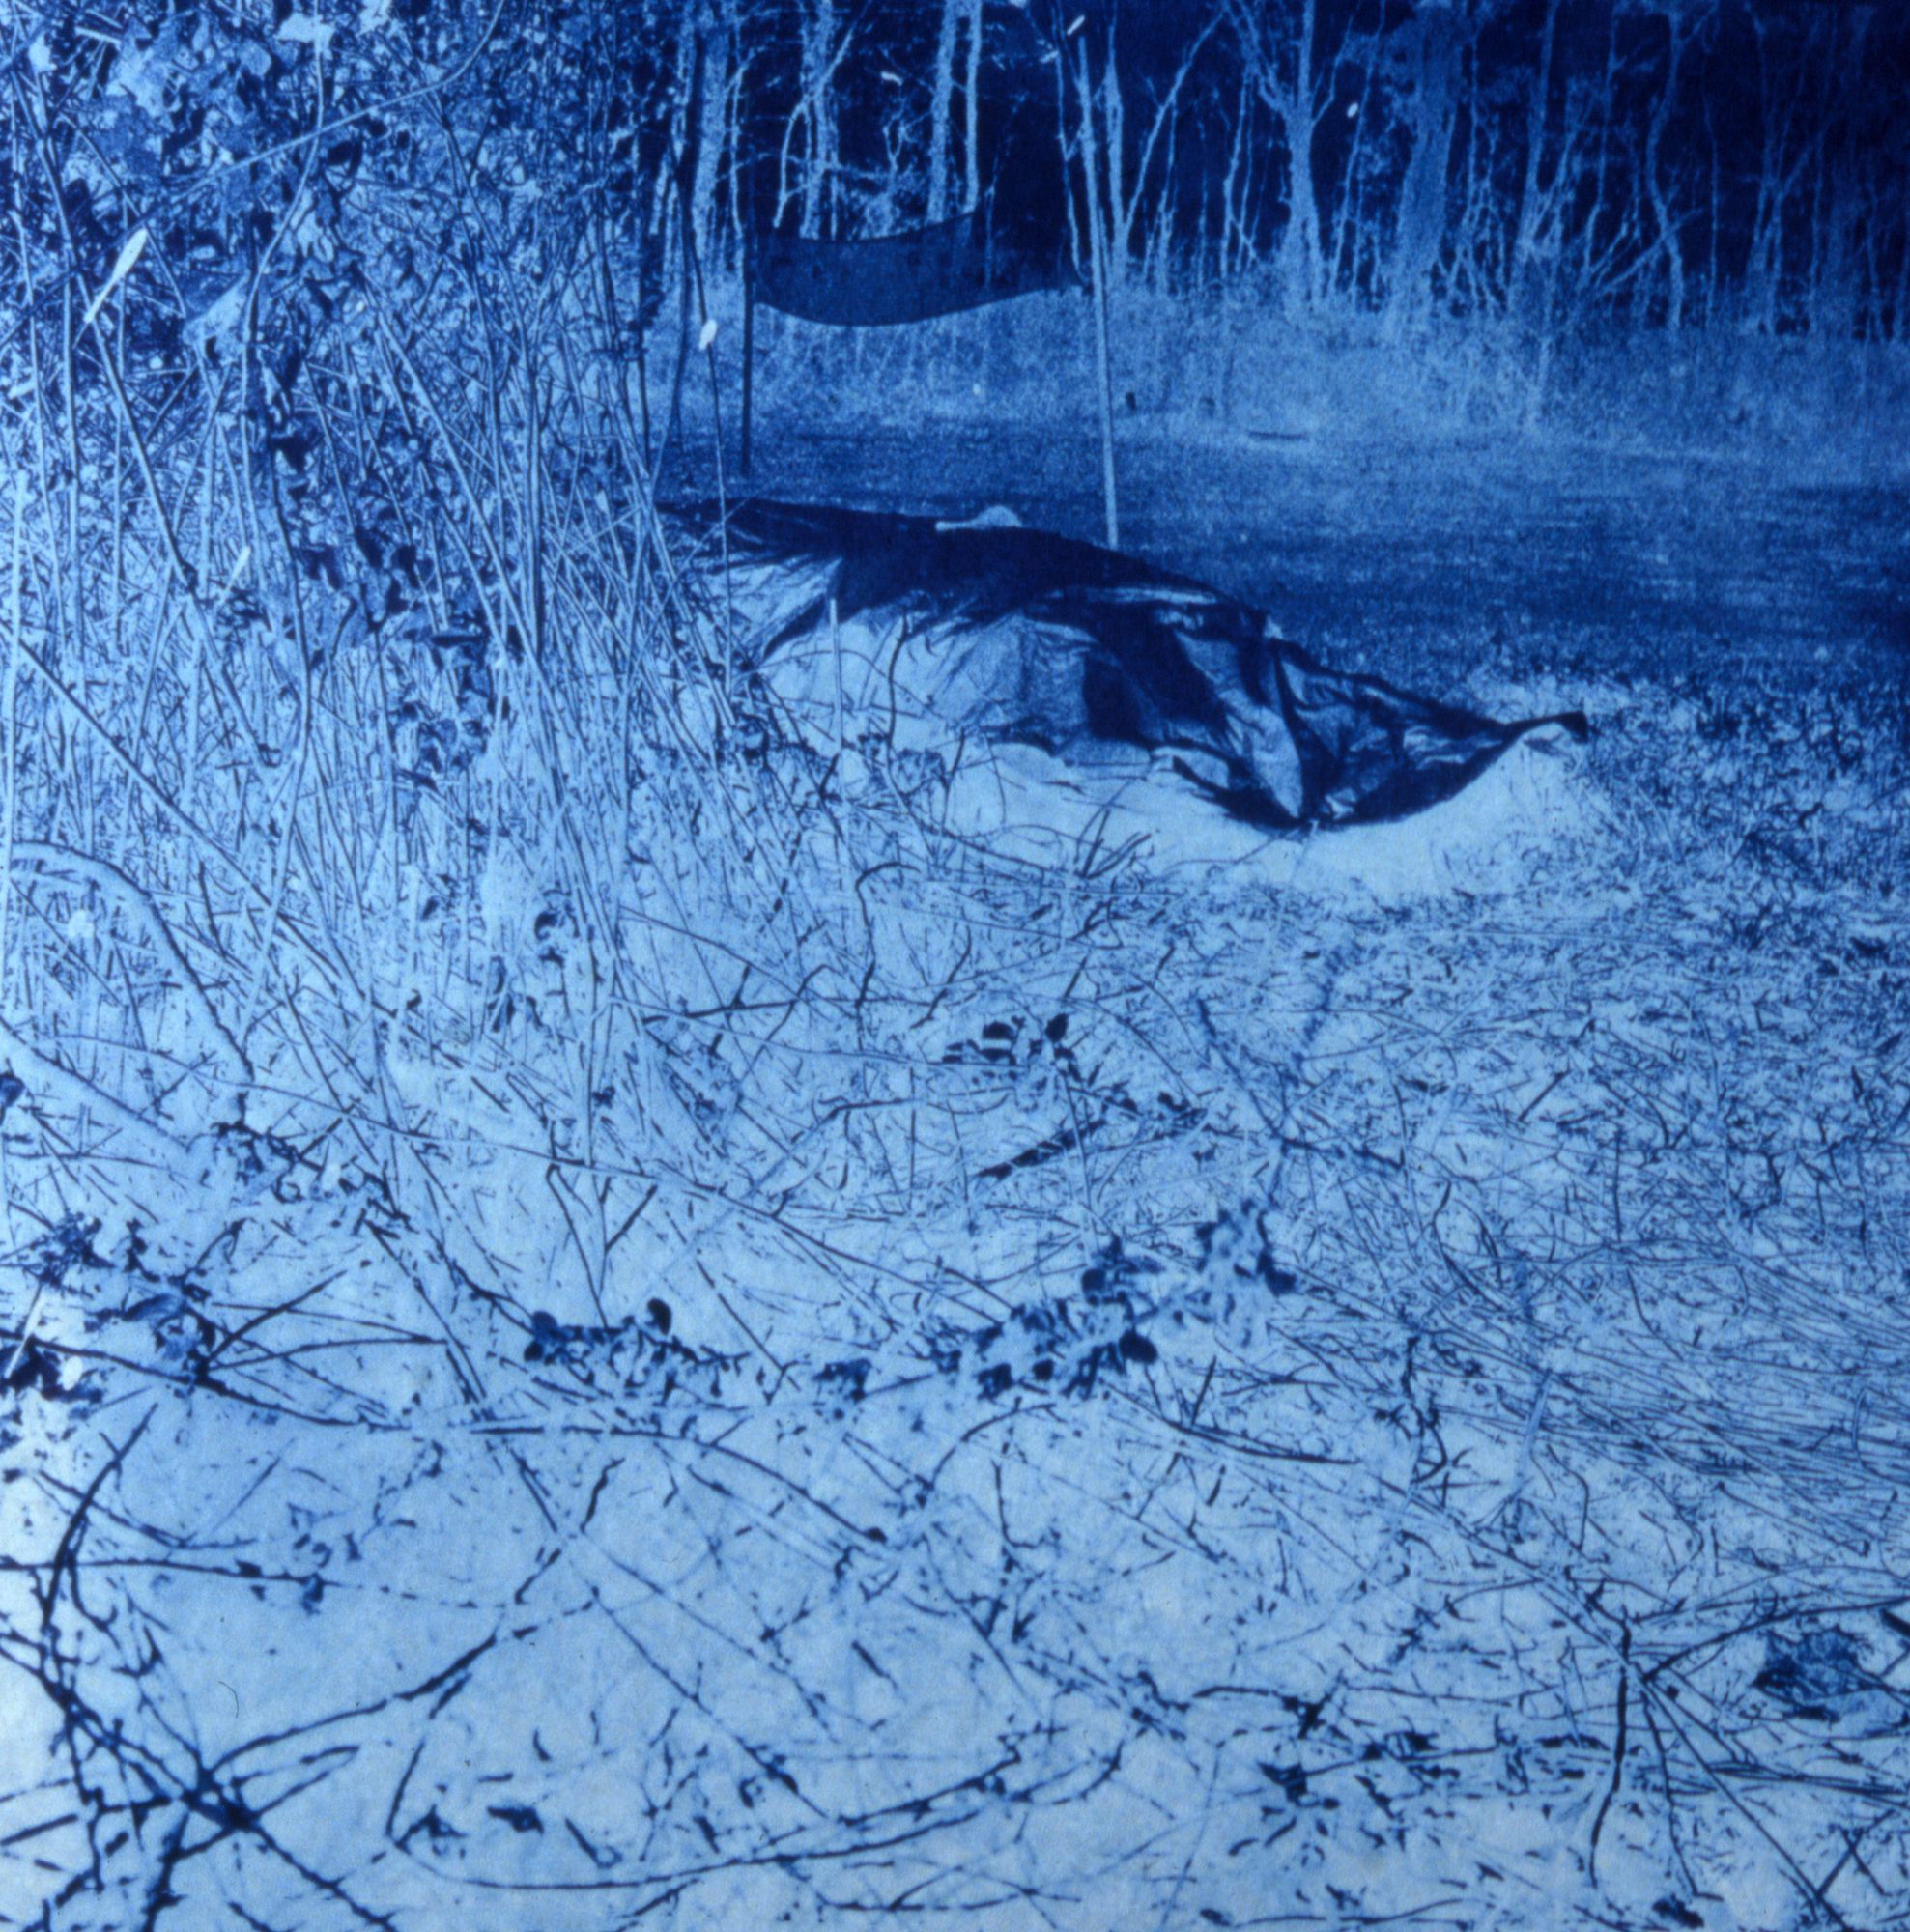 Landscape Blues series